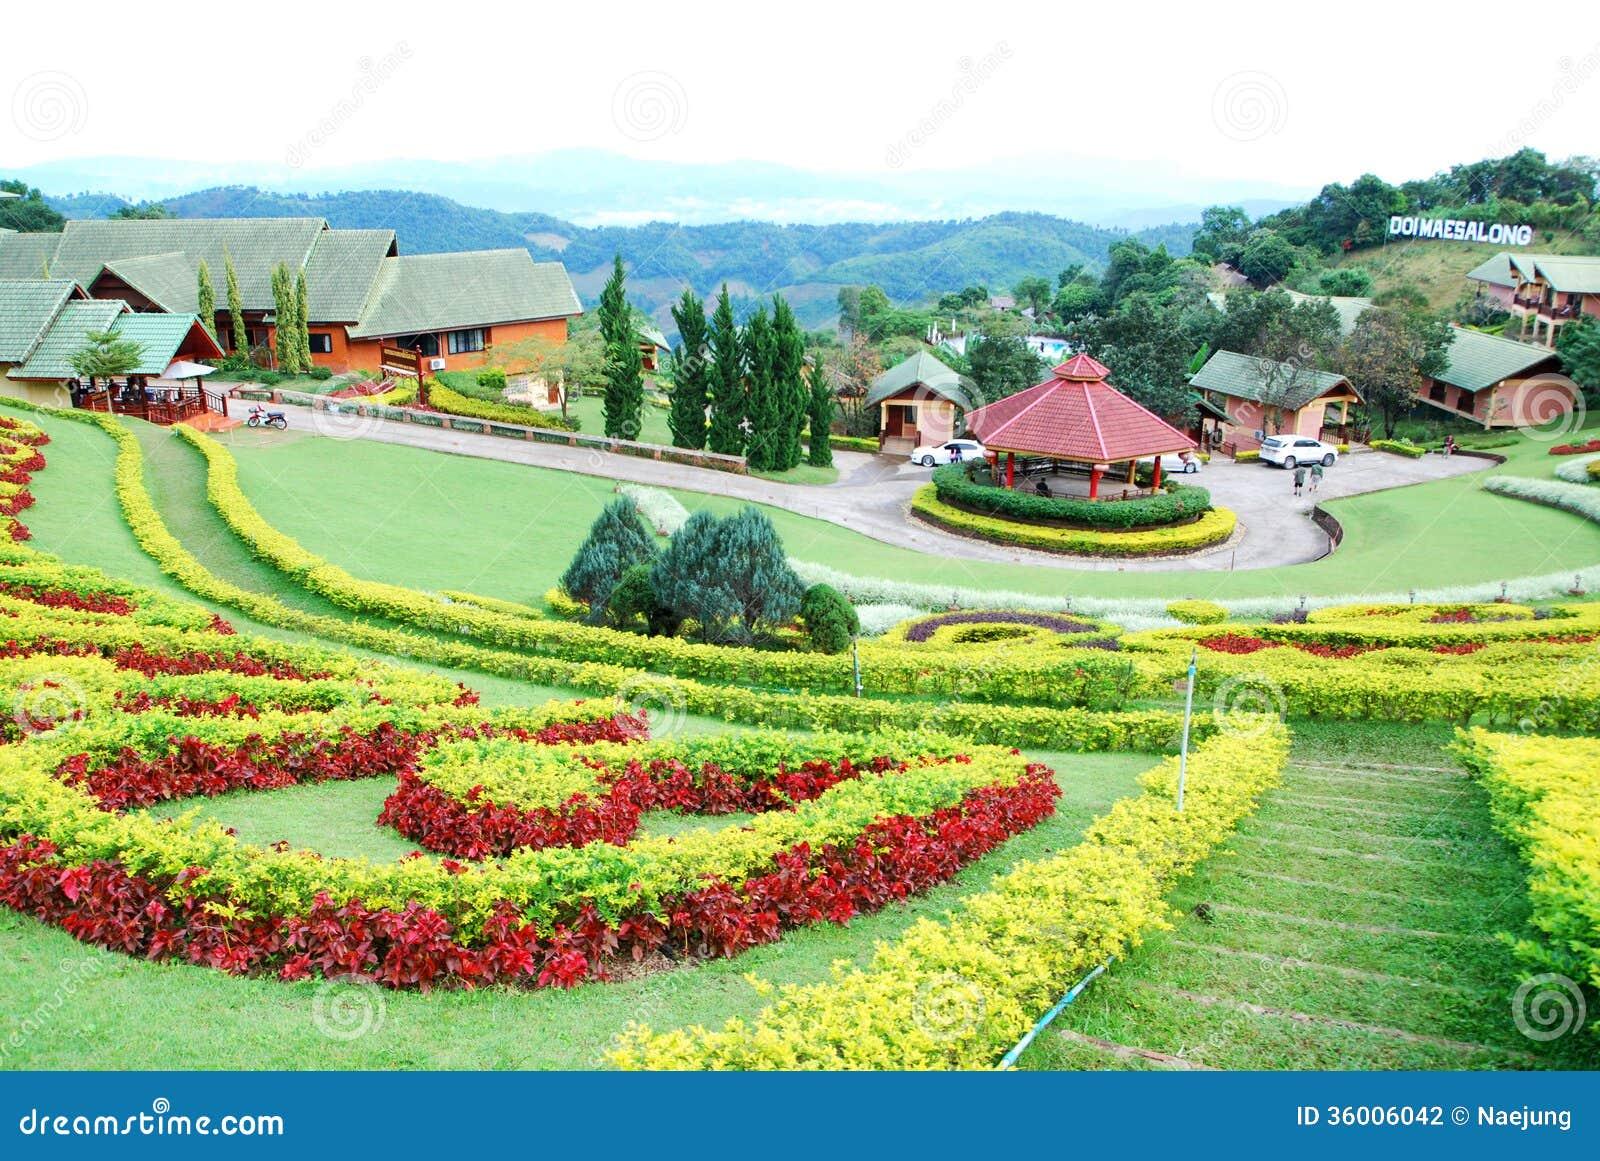 Ornamental garden stock photography image 36006042 for Ornamental garden